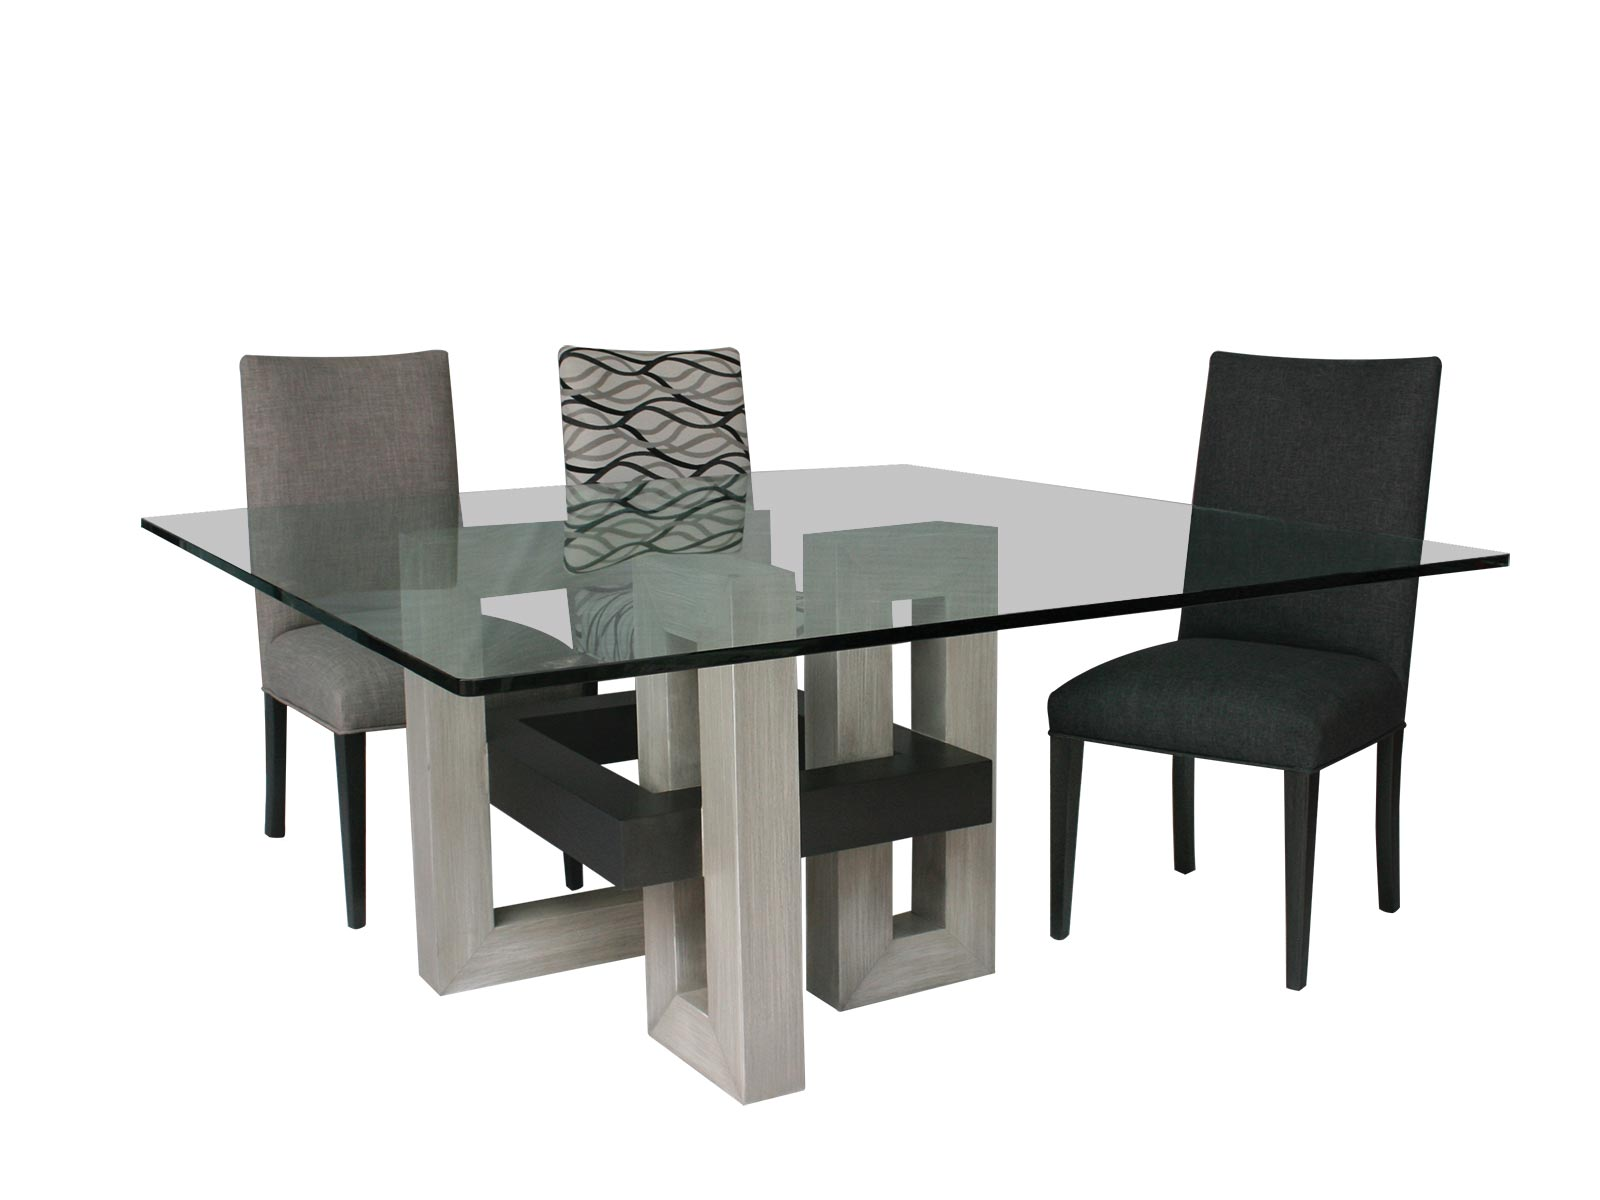 Comedores de cristal la mejor opcin en venta de muebles - Bases para mesas de vidrio comedor ...